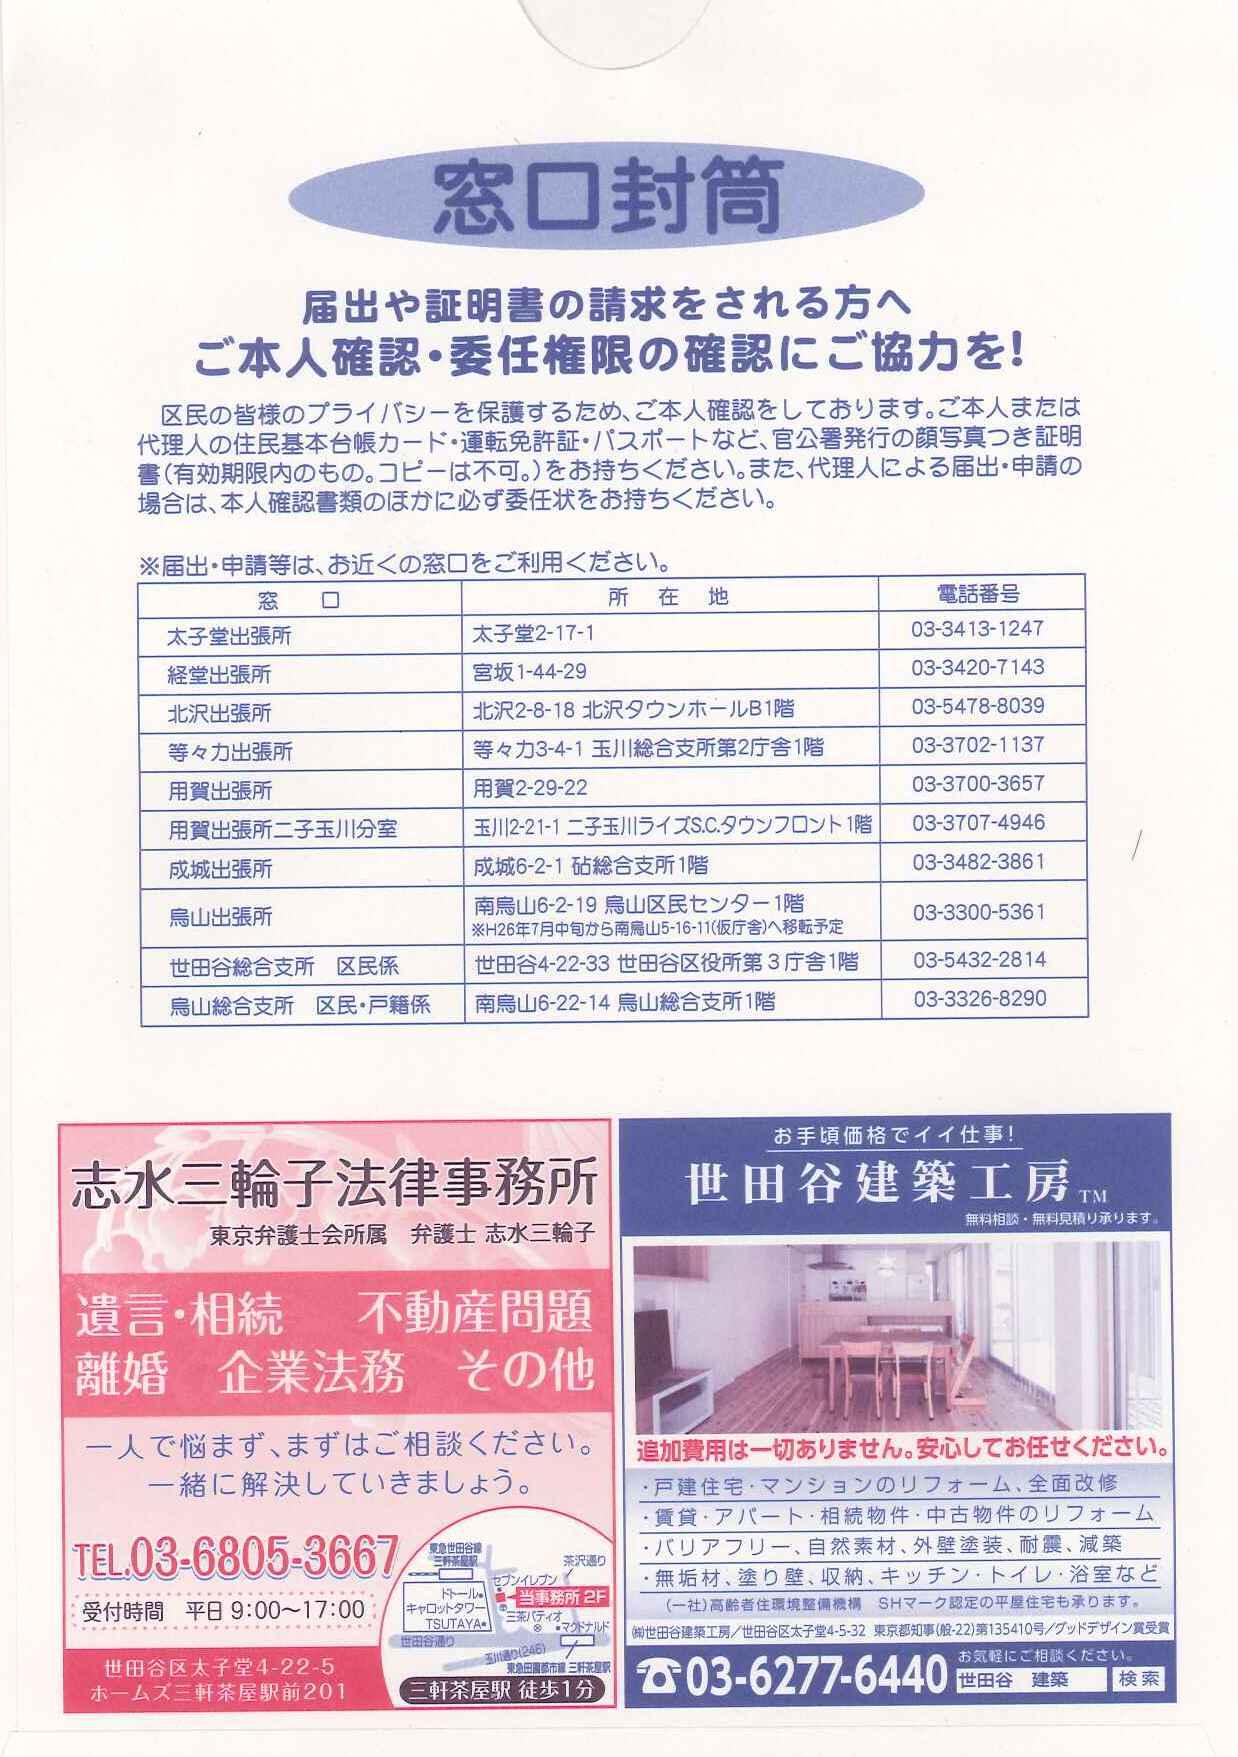 世田谷区役所封筒